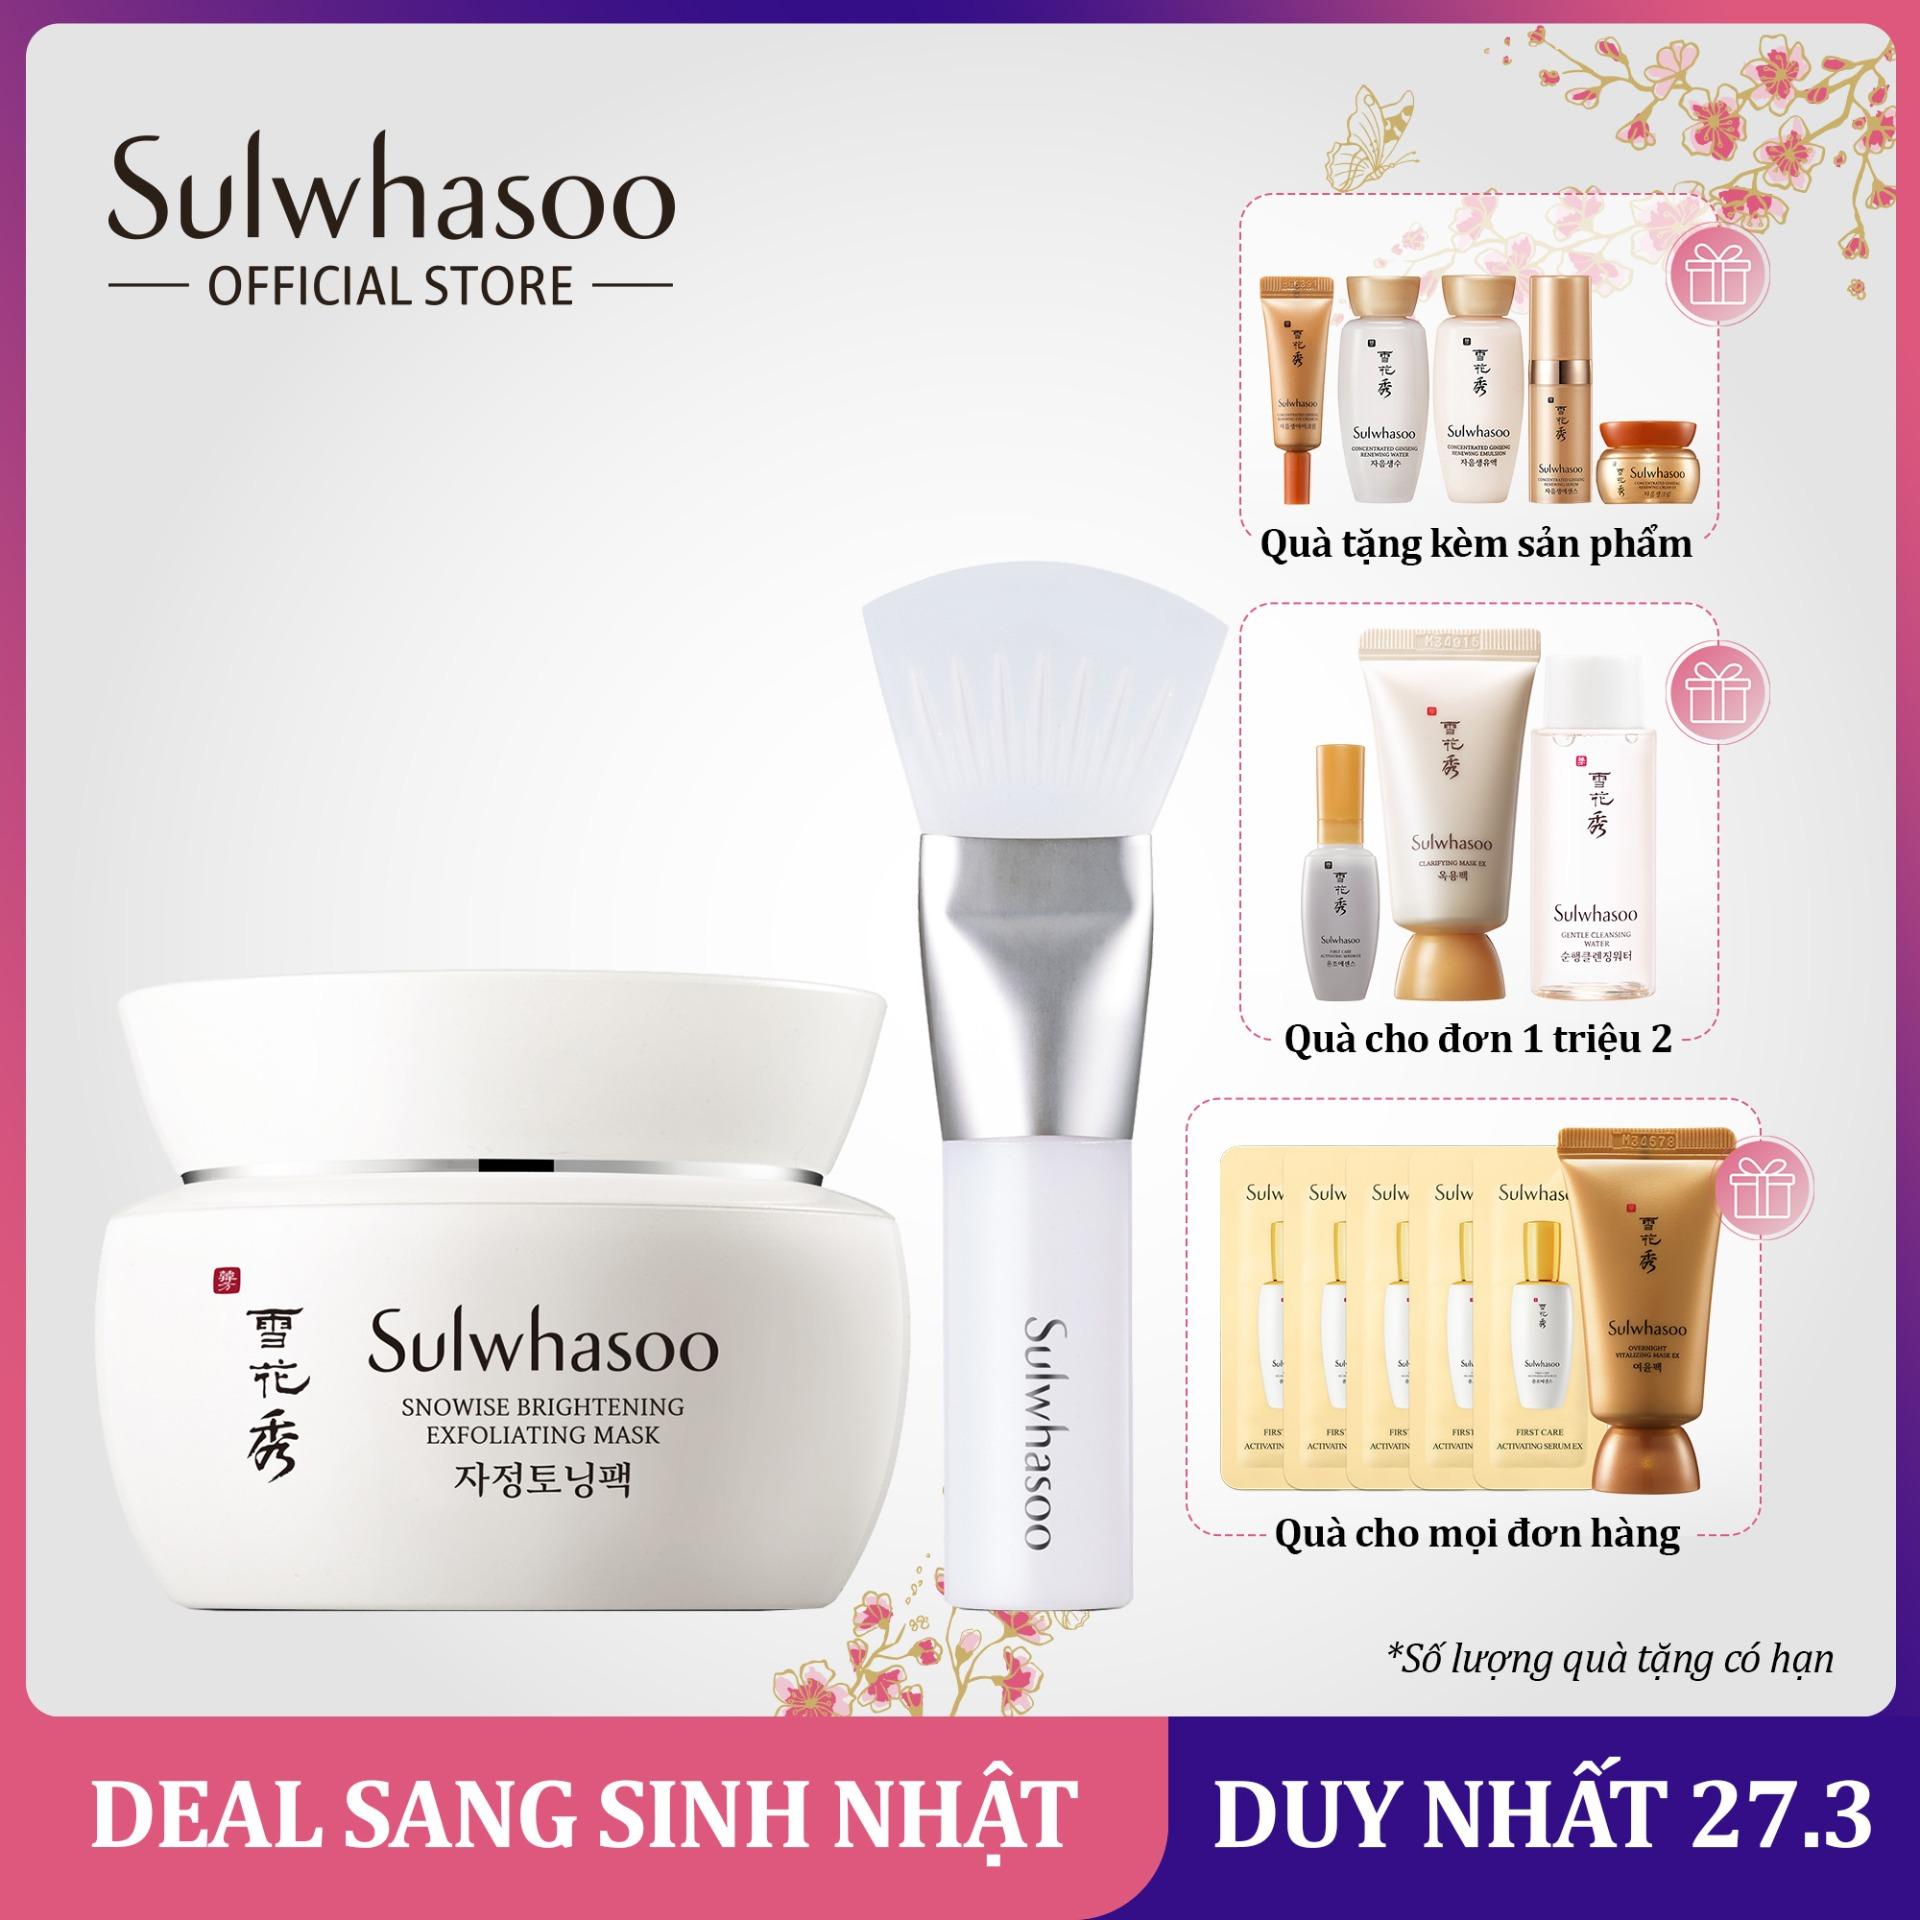 Tẩy tế bào chết kiêm mặt nạ dưỡng trắng Sulwhasoo Snowise Exfoliating Mask 80ml cao cấp